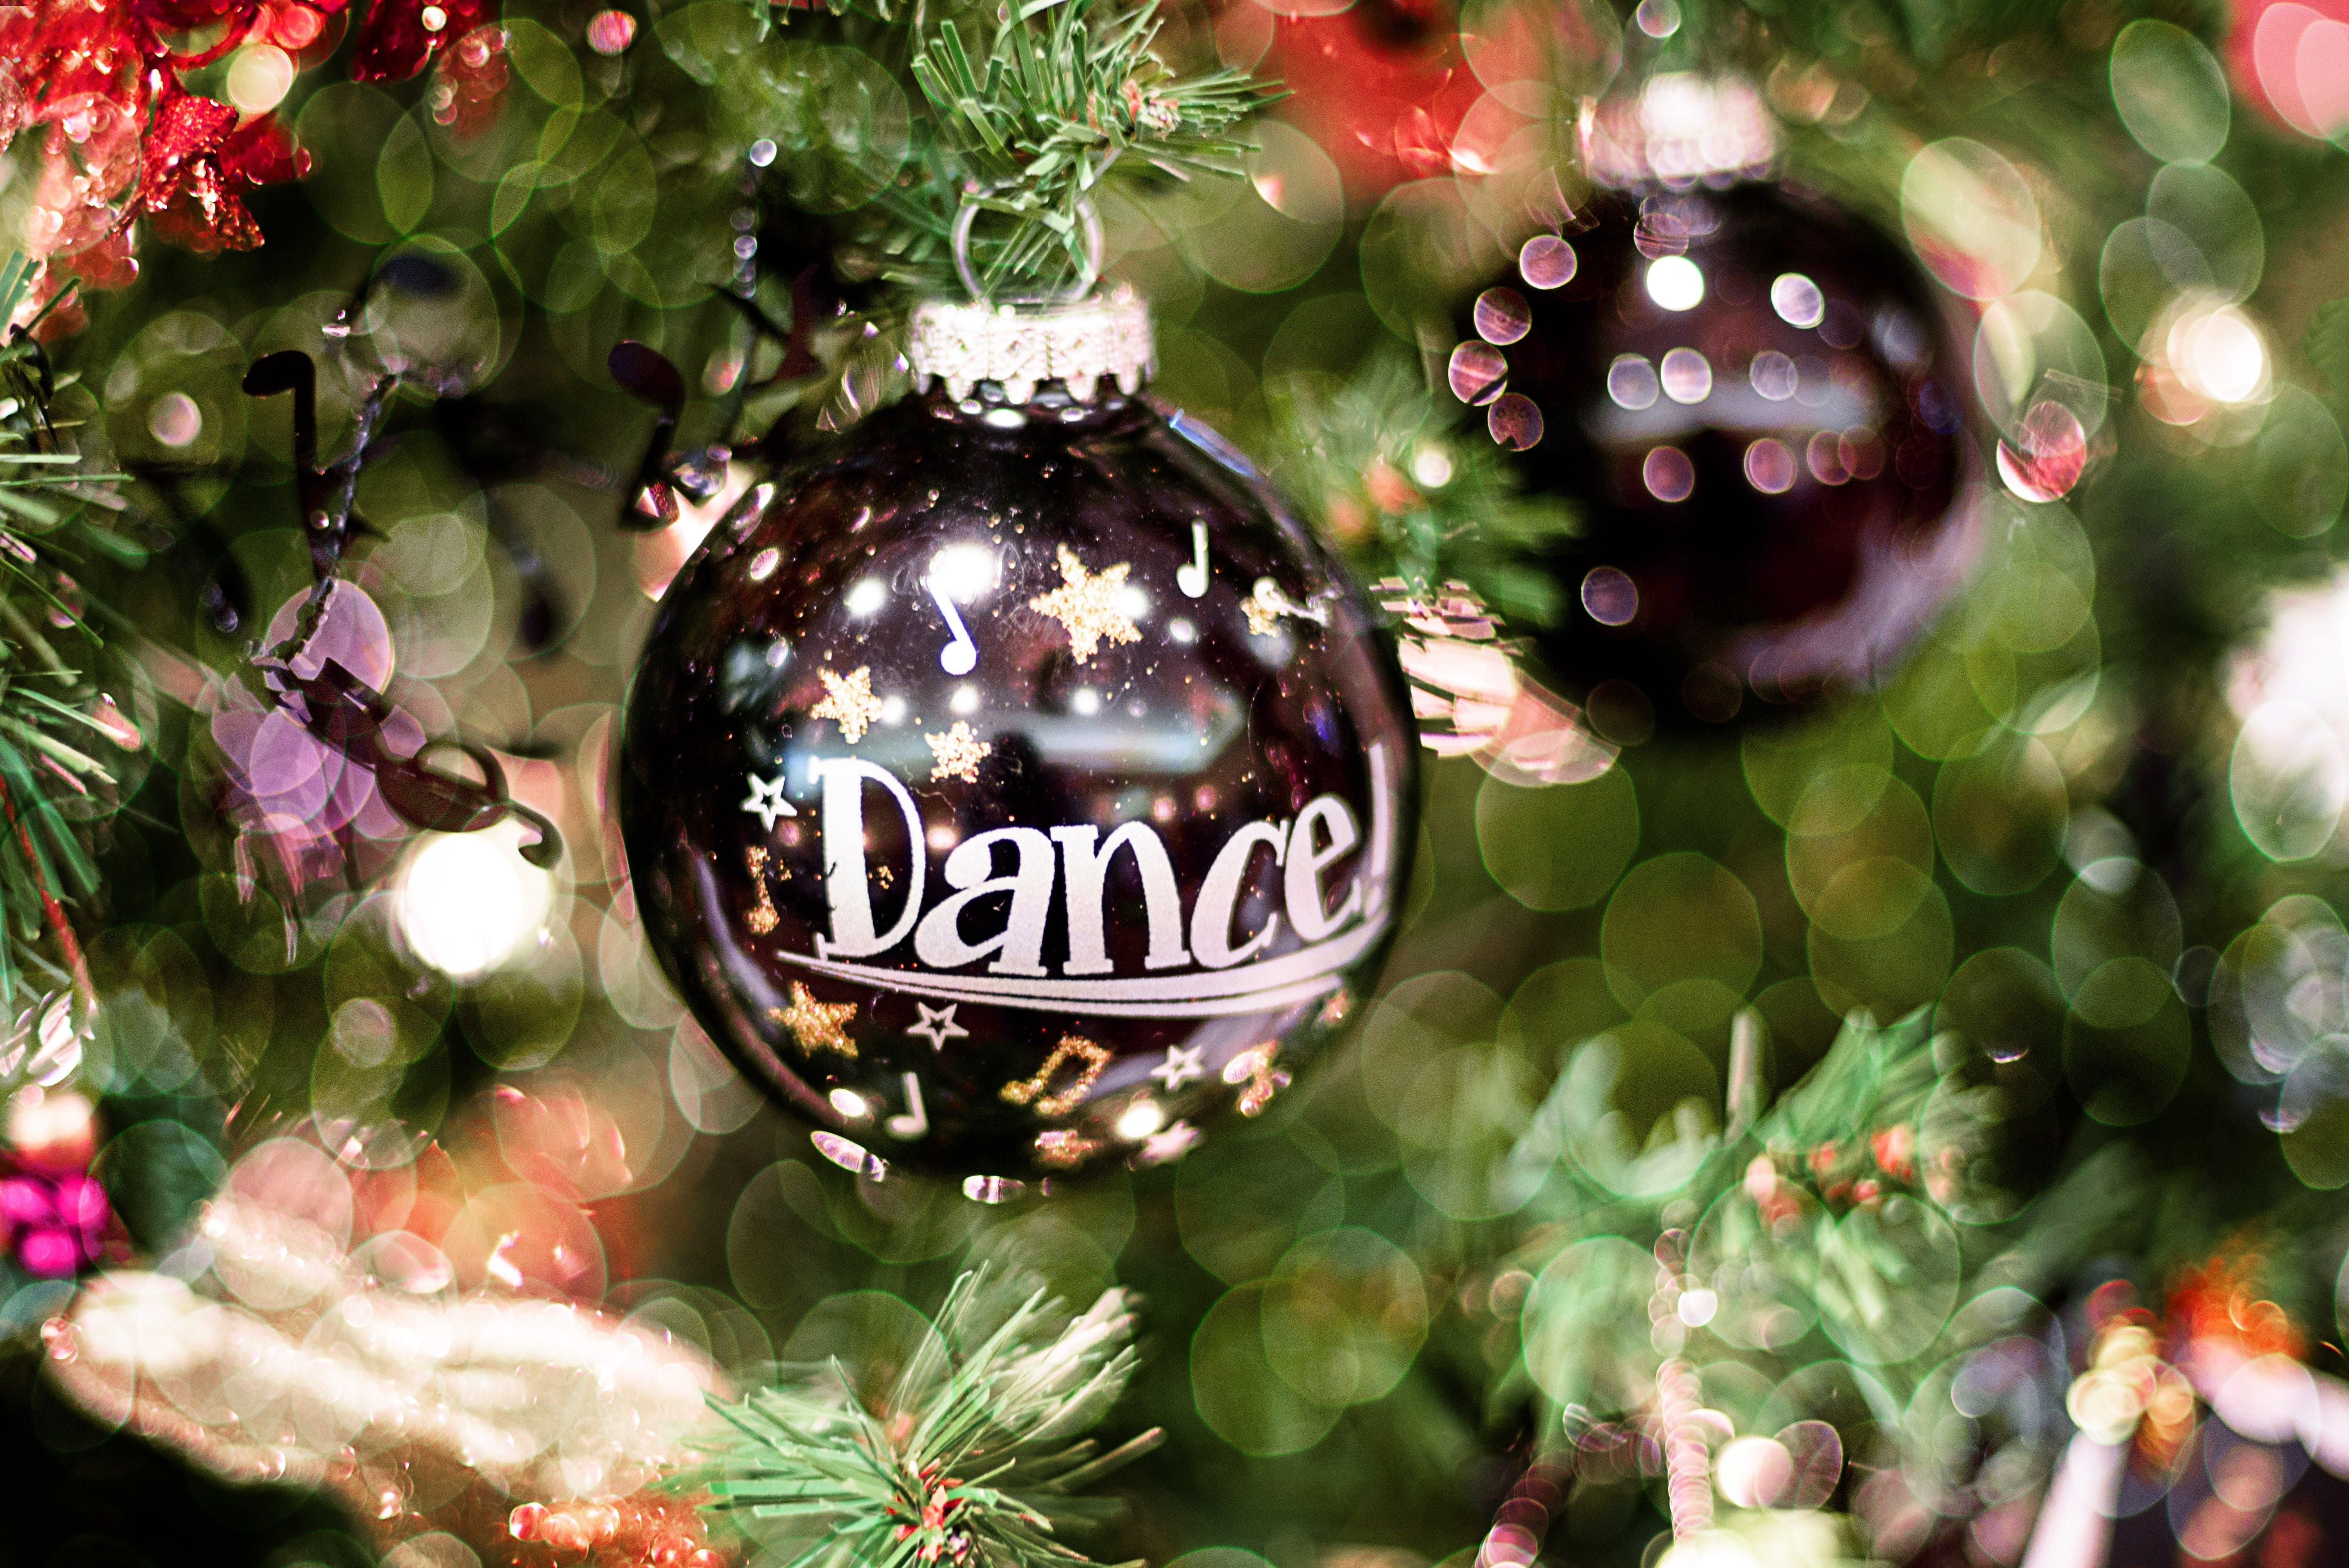 慶祝, 掛, 耶誔裝飾品, 聖誕 的 免费素材照片